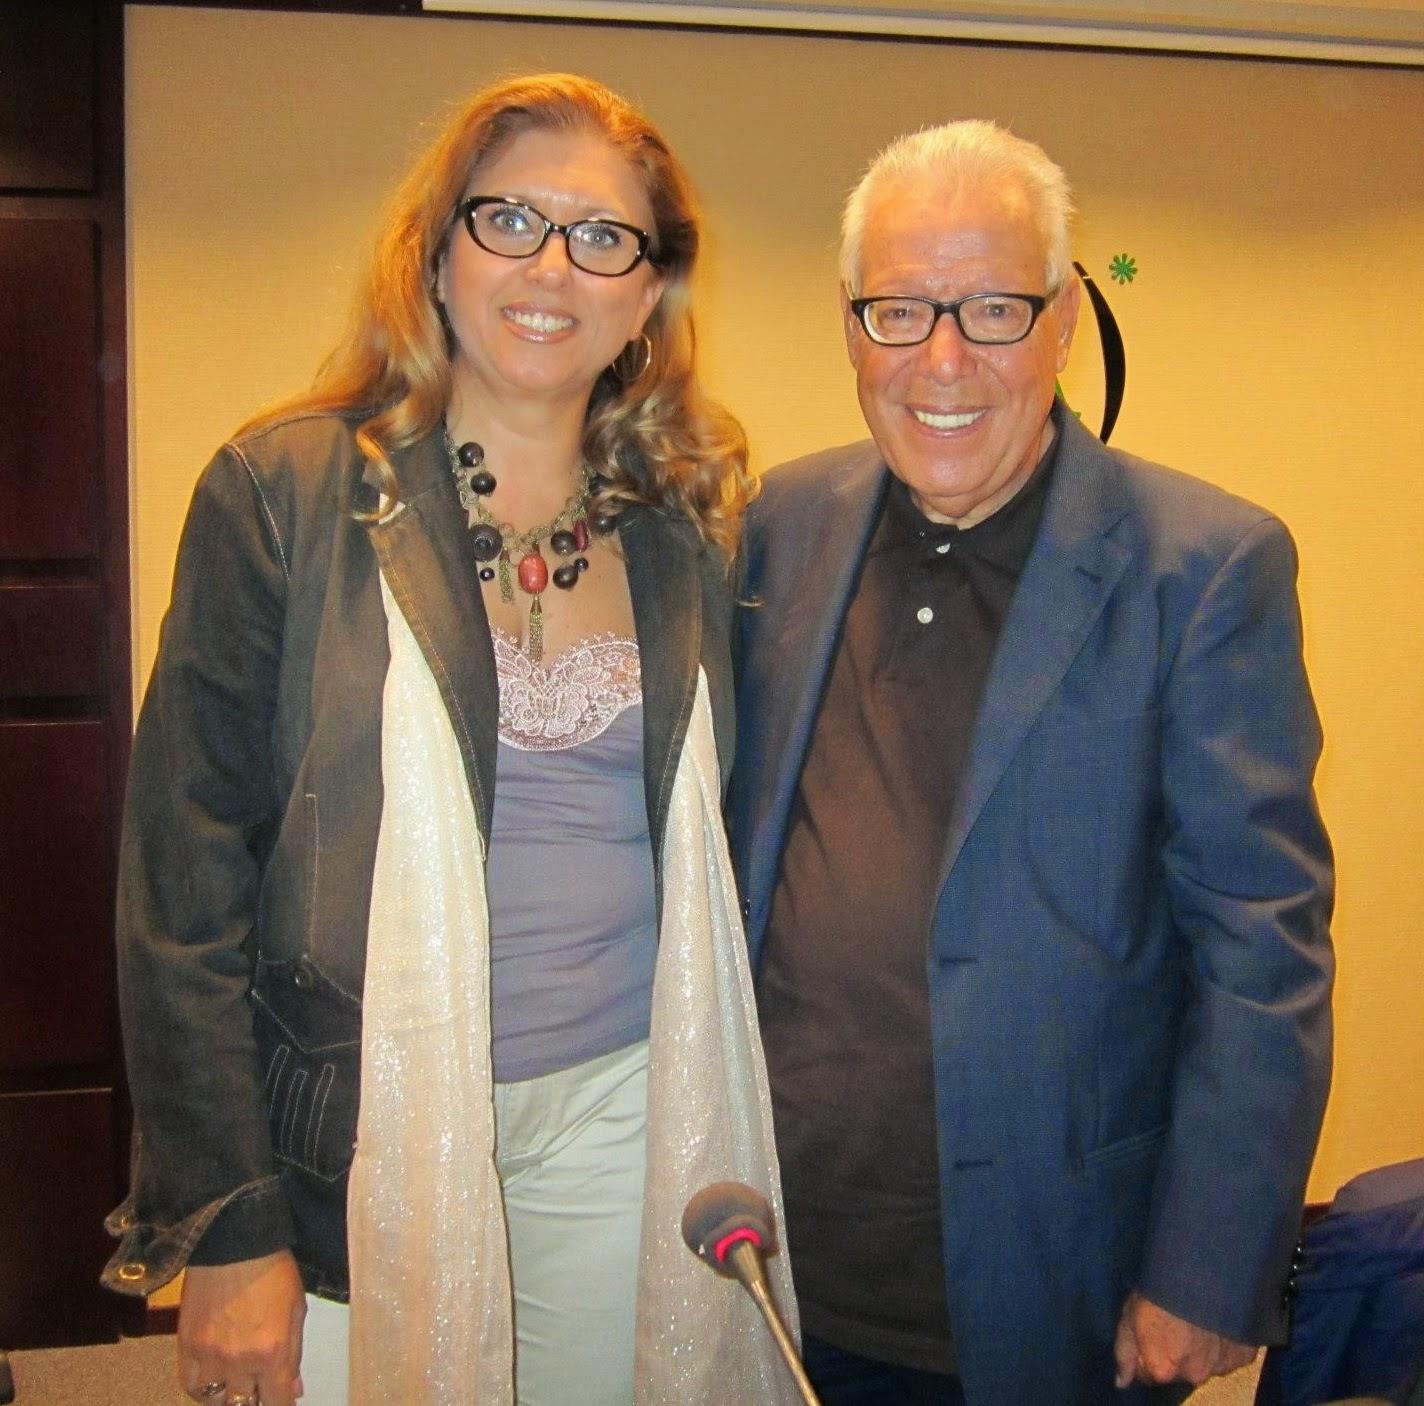 El Blog de María Serralba - Perlas, una guía de profundas reflexiones.